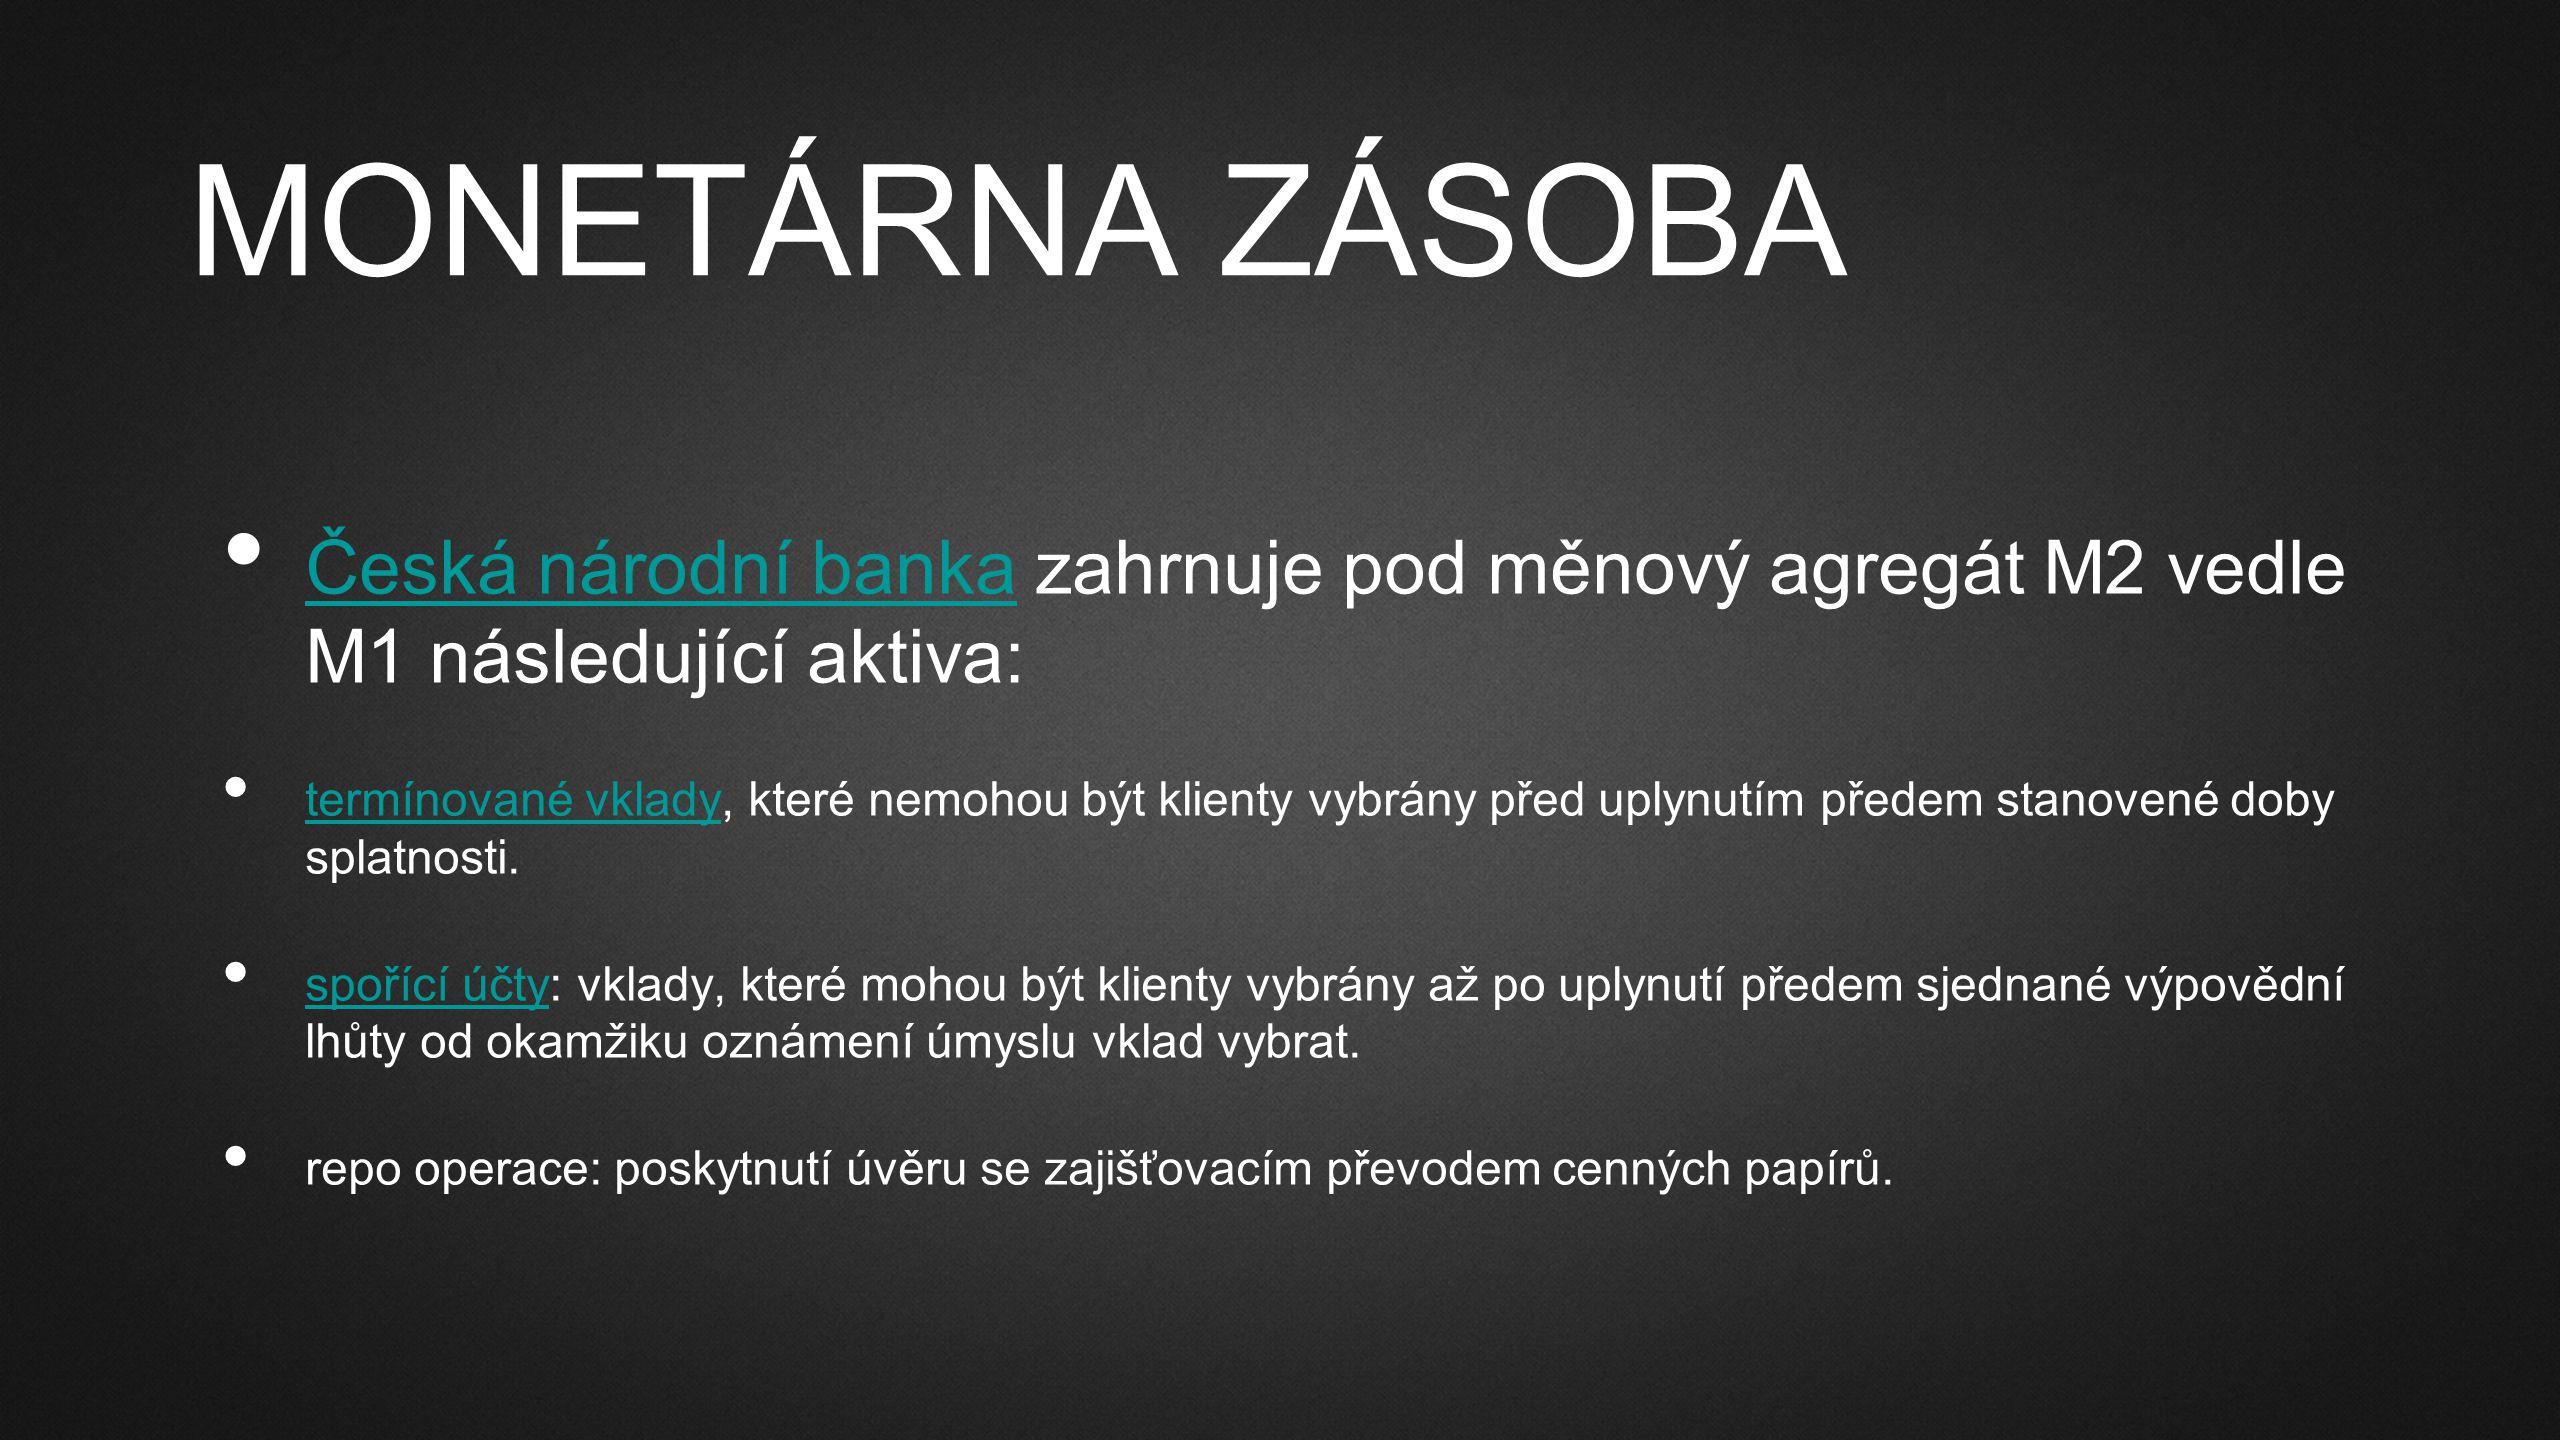 MONETÁRNA ZÁSOBA Česká národní banka zahrnuje pod měnový agregát M2 vedle M1 následující aktiva: Česká národní banka termínované vklady, které nemohou být klienty vybrány před uplynutím předem stanovené doby splatnosti.